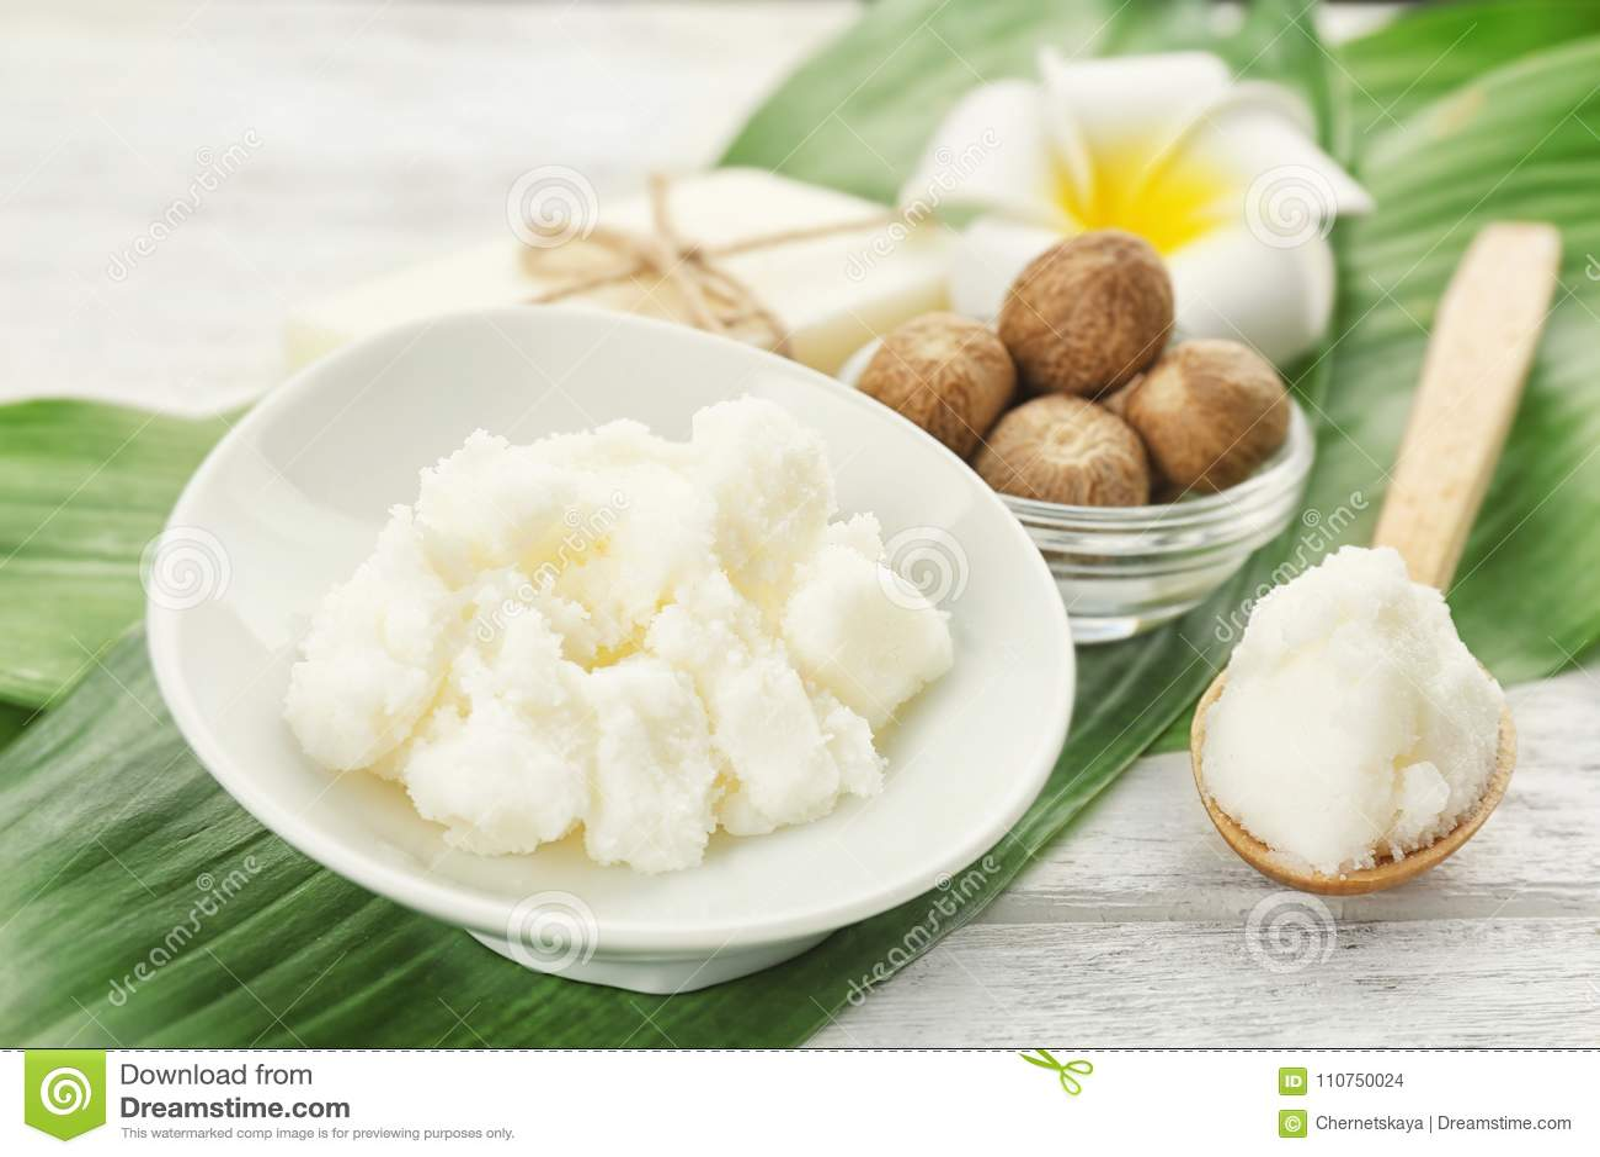 Красивый состав с маслом, мылом и гайками дерева ши